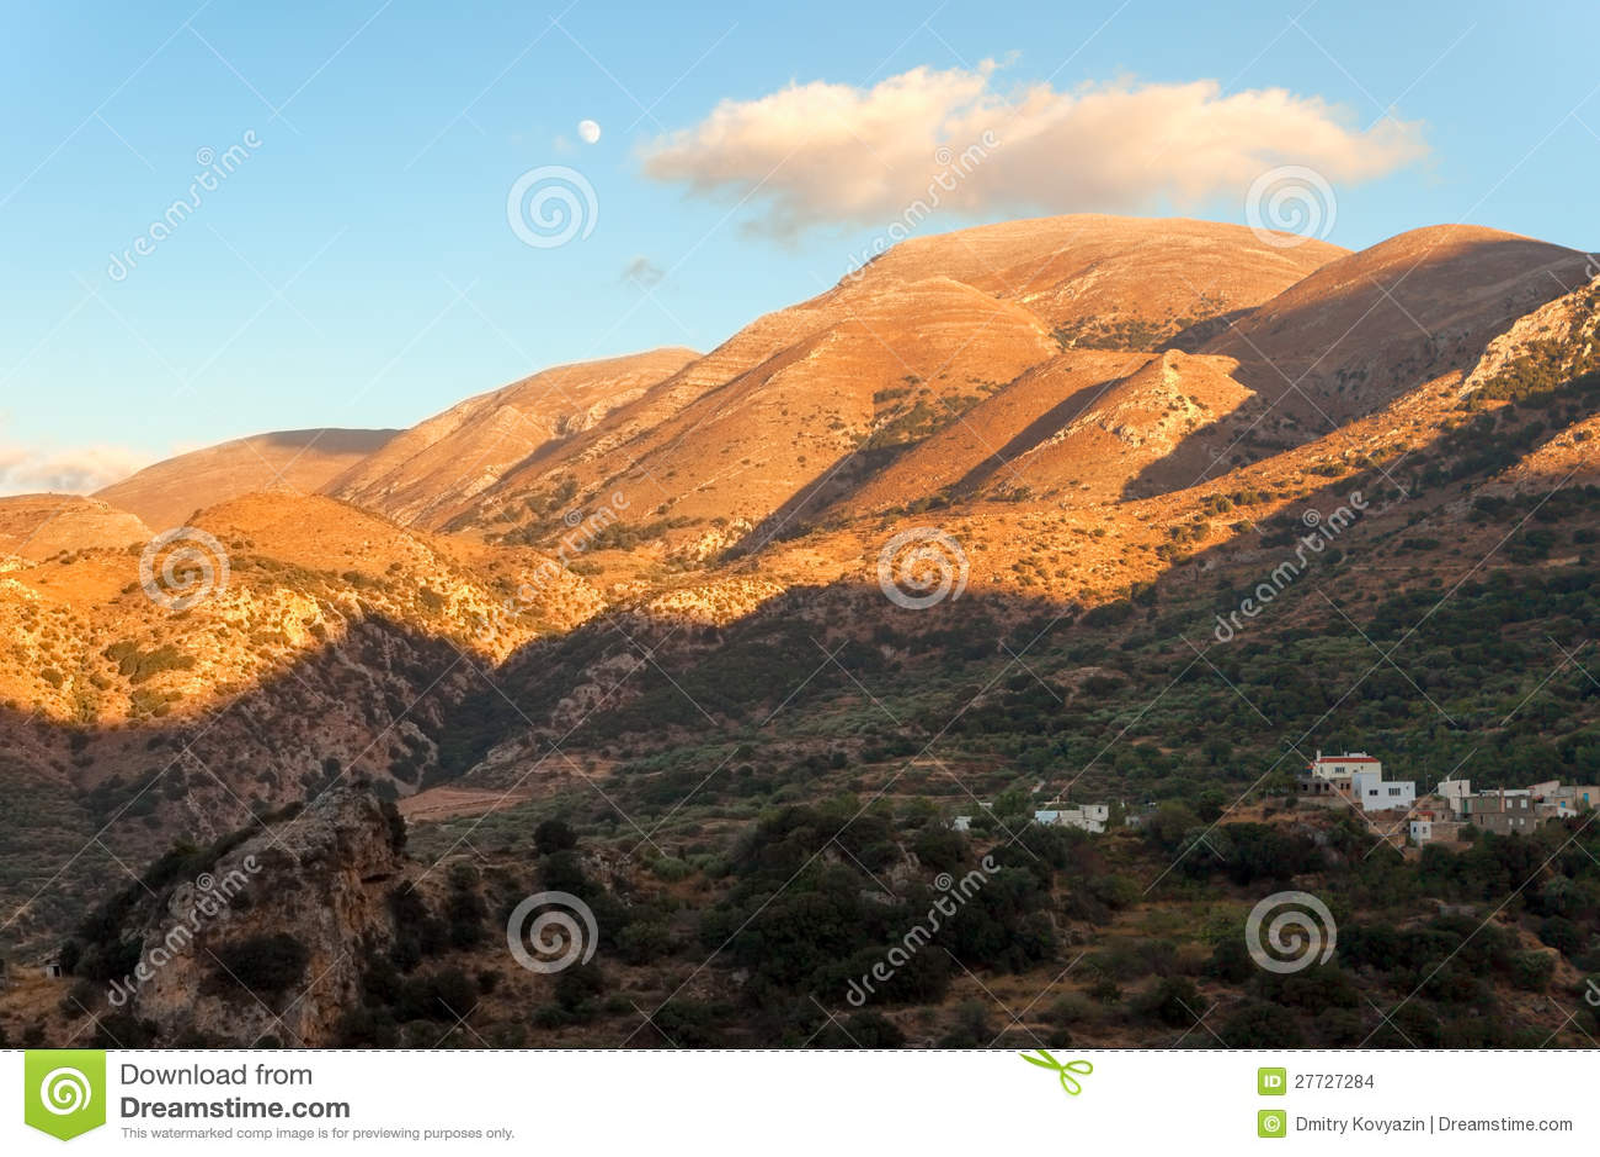 Dorf auf der Steigung des Berges